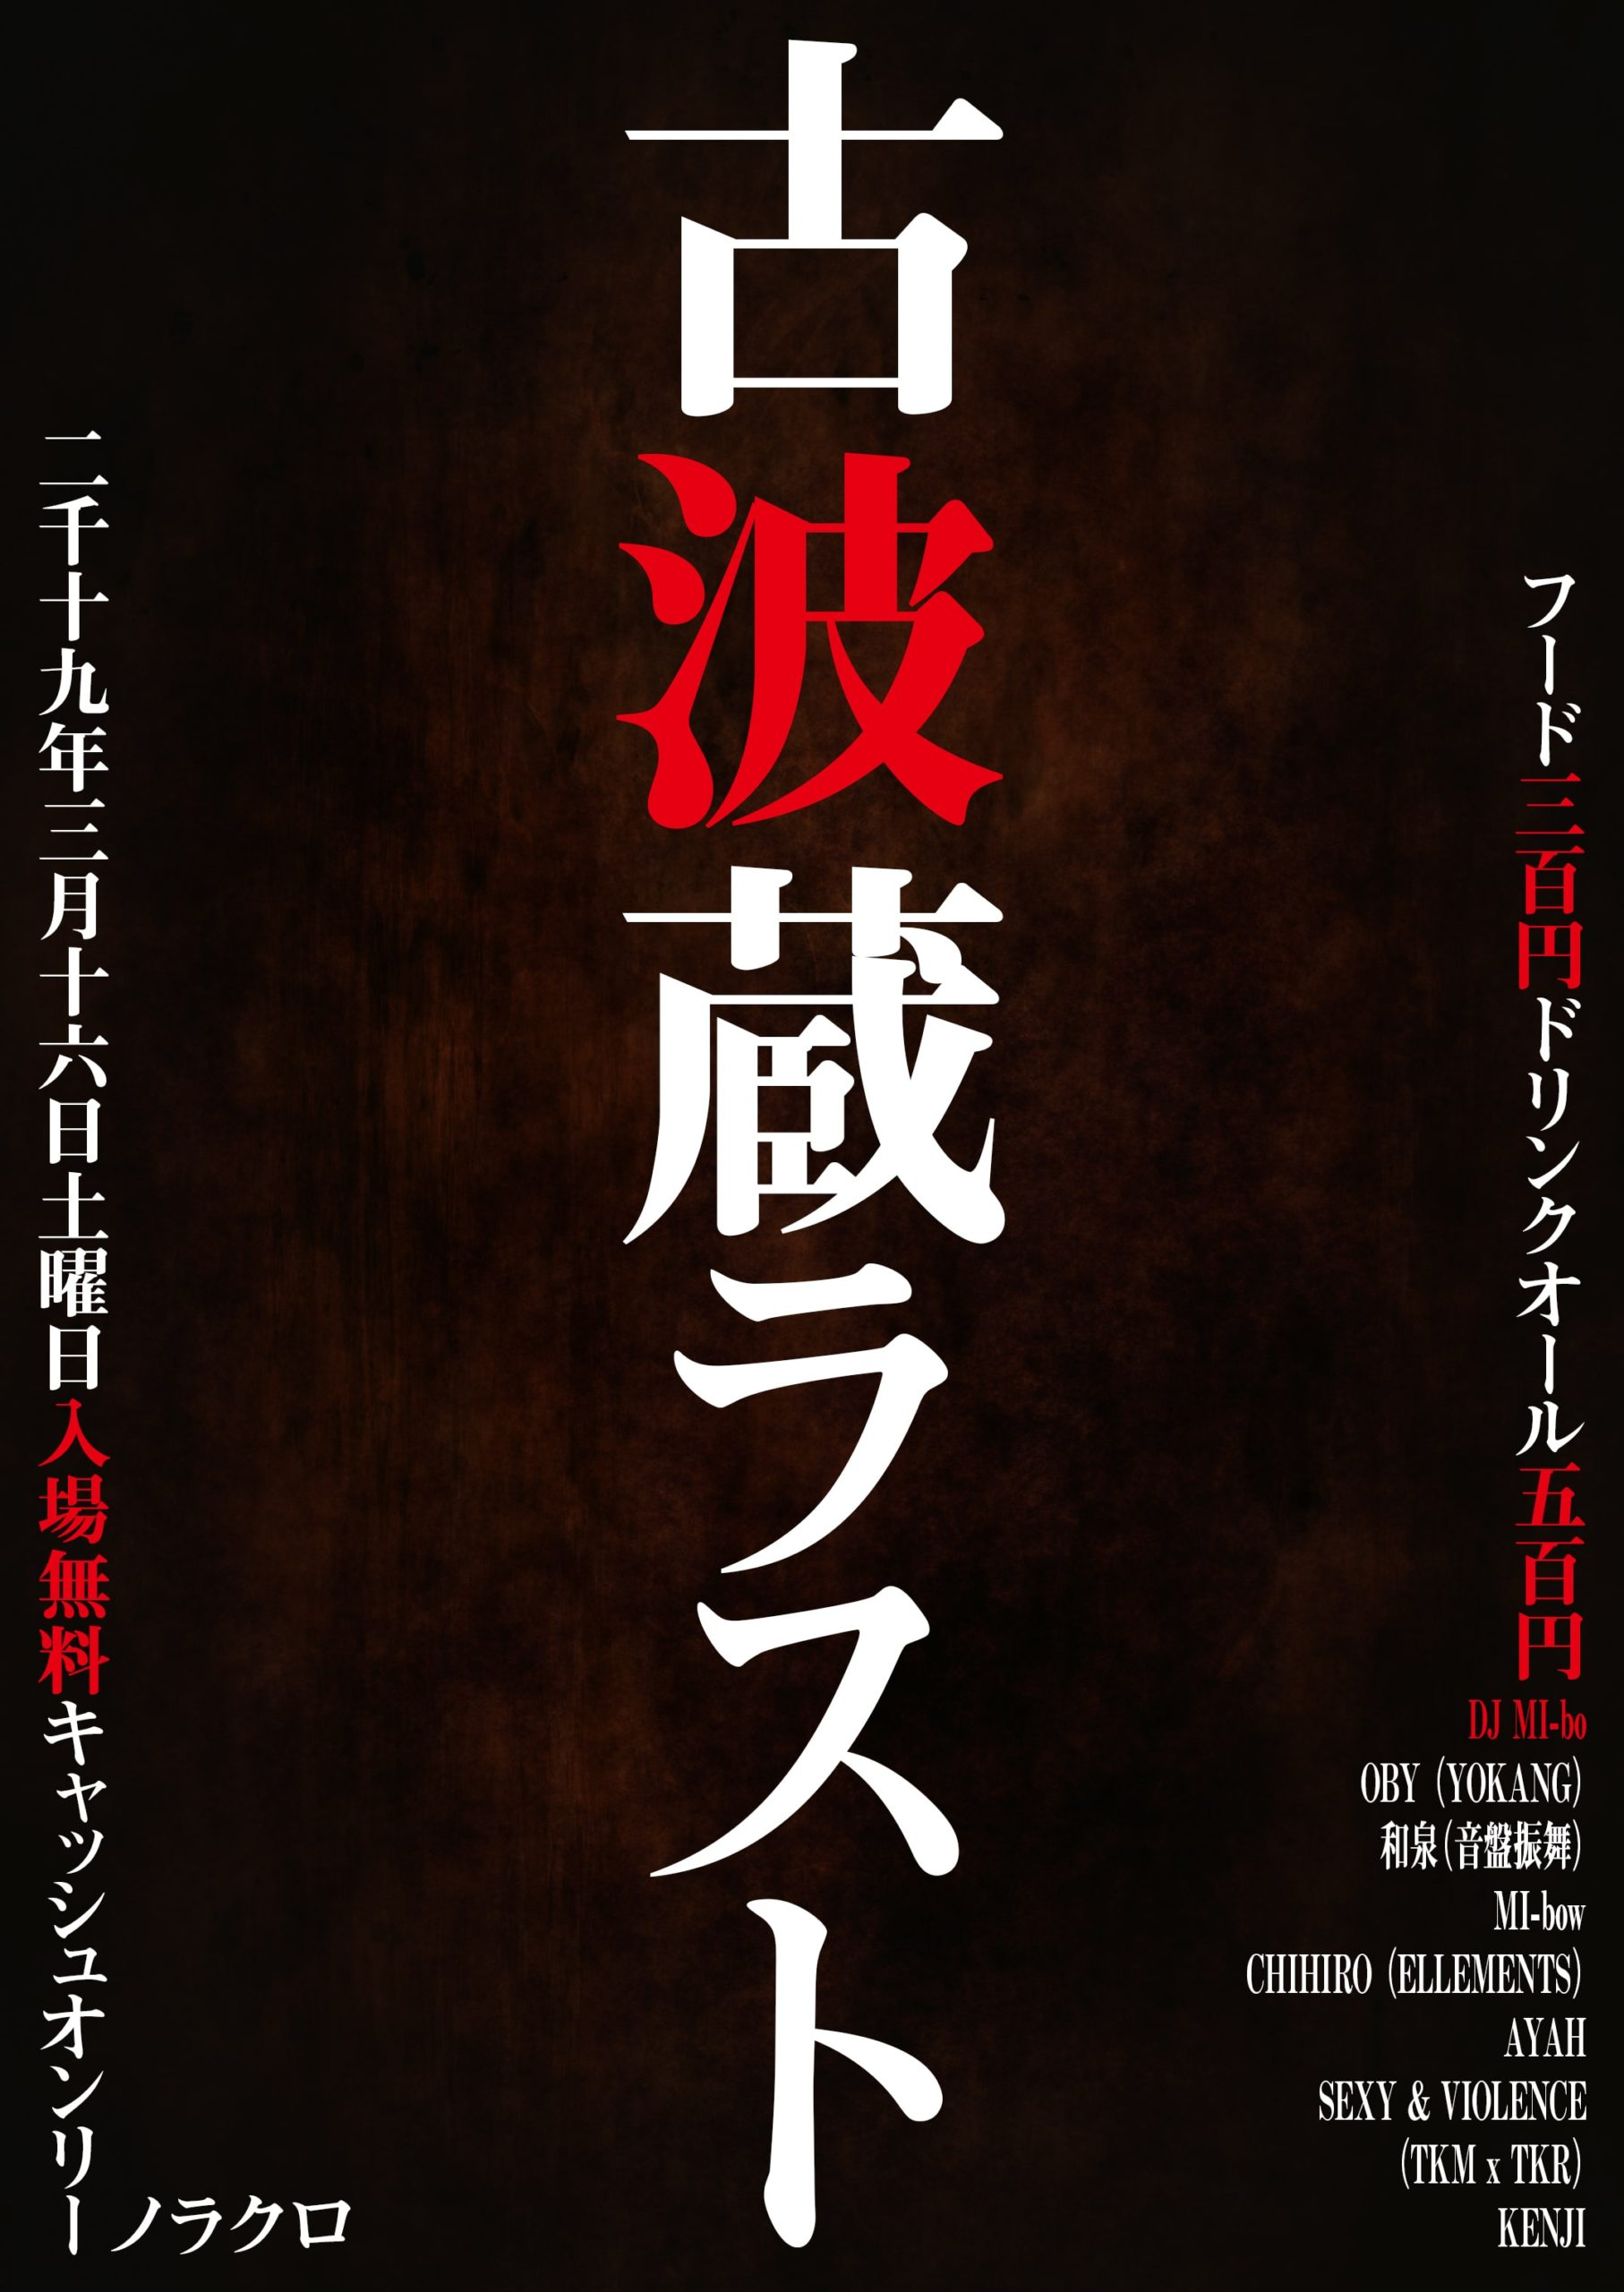 Noracro古波蔵ラストポスター